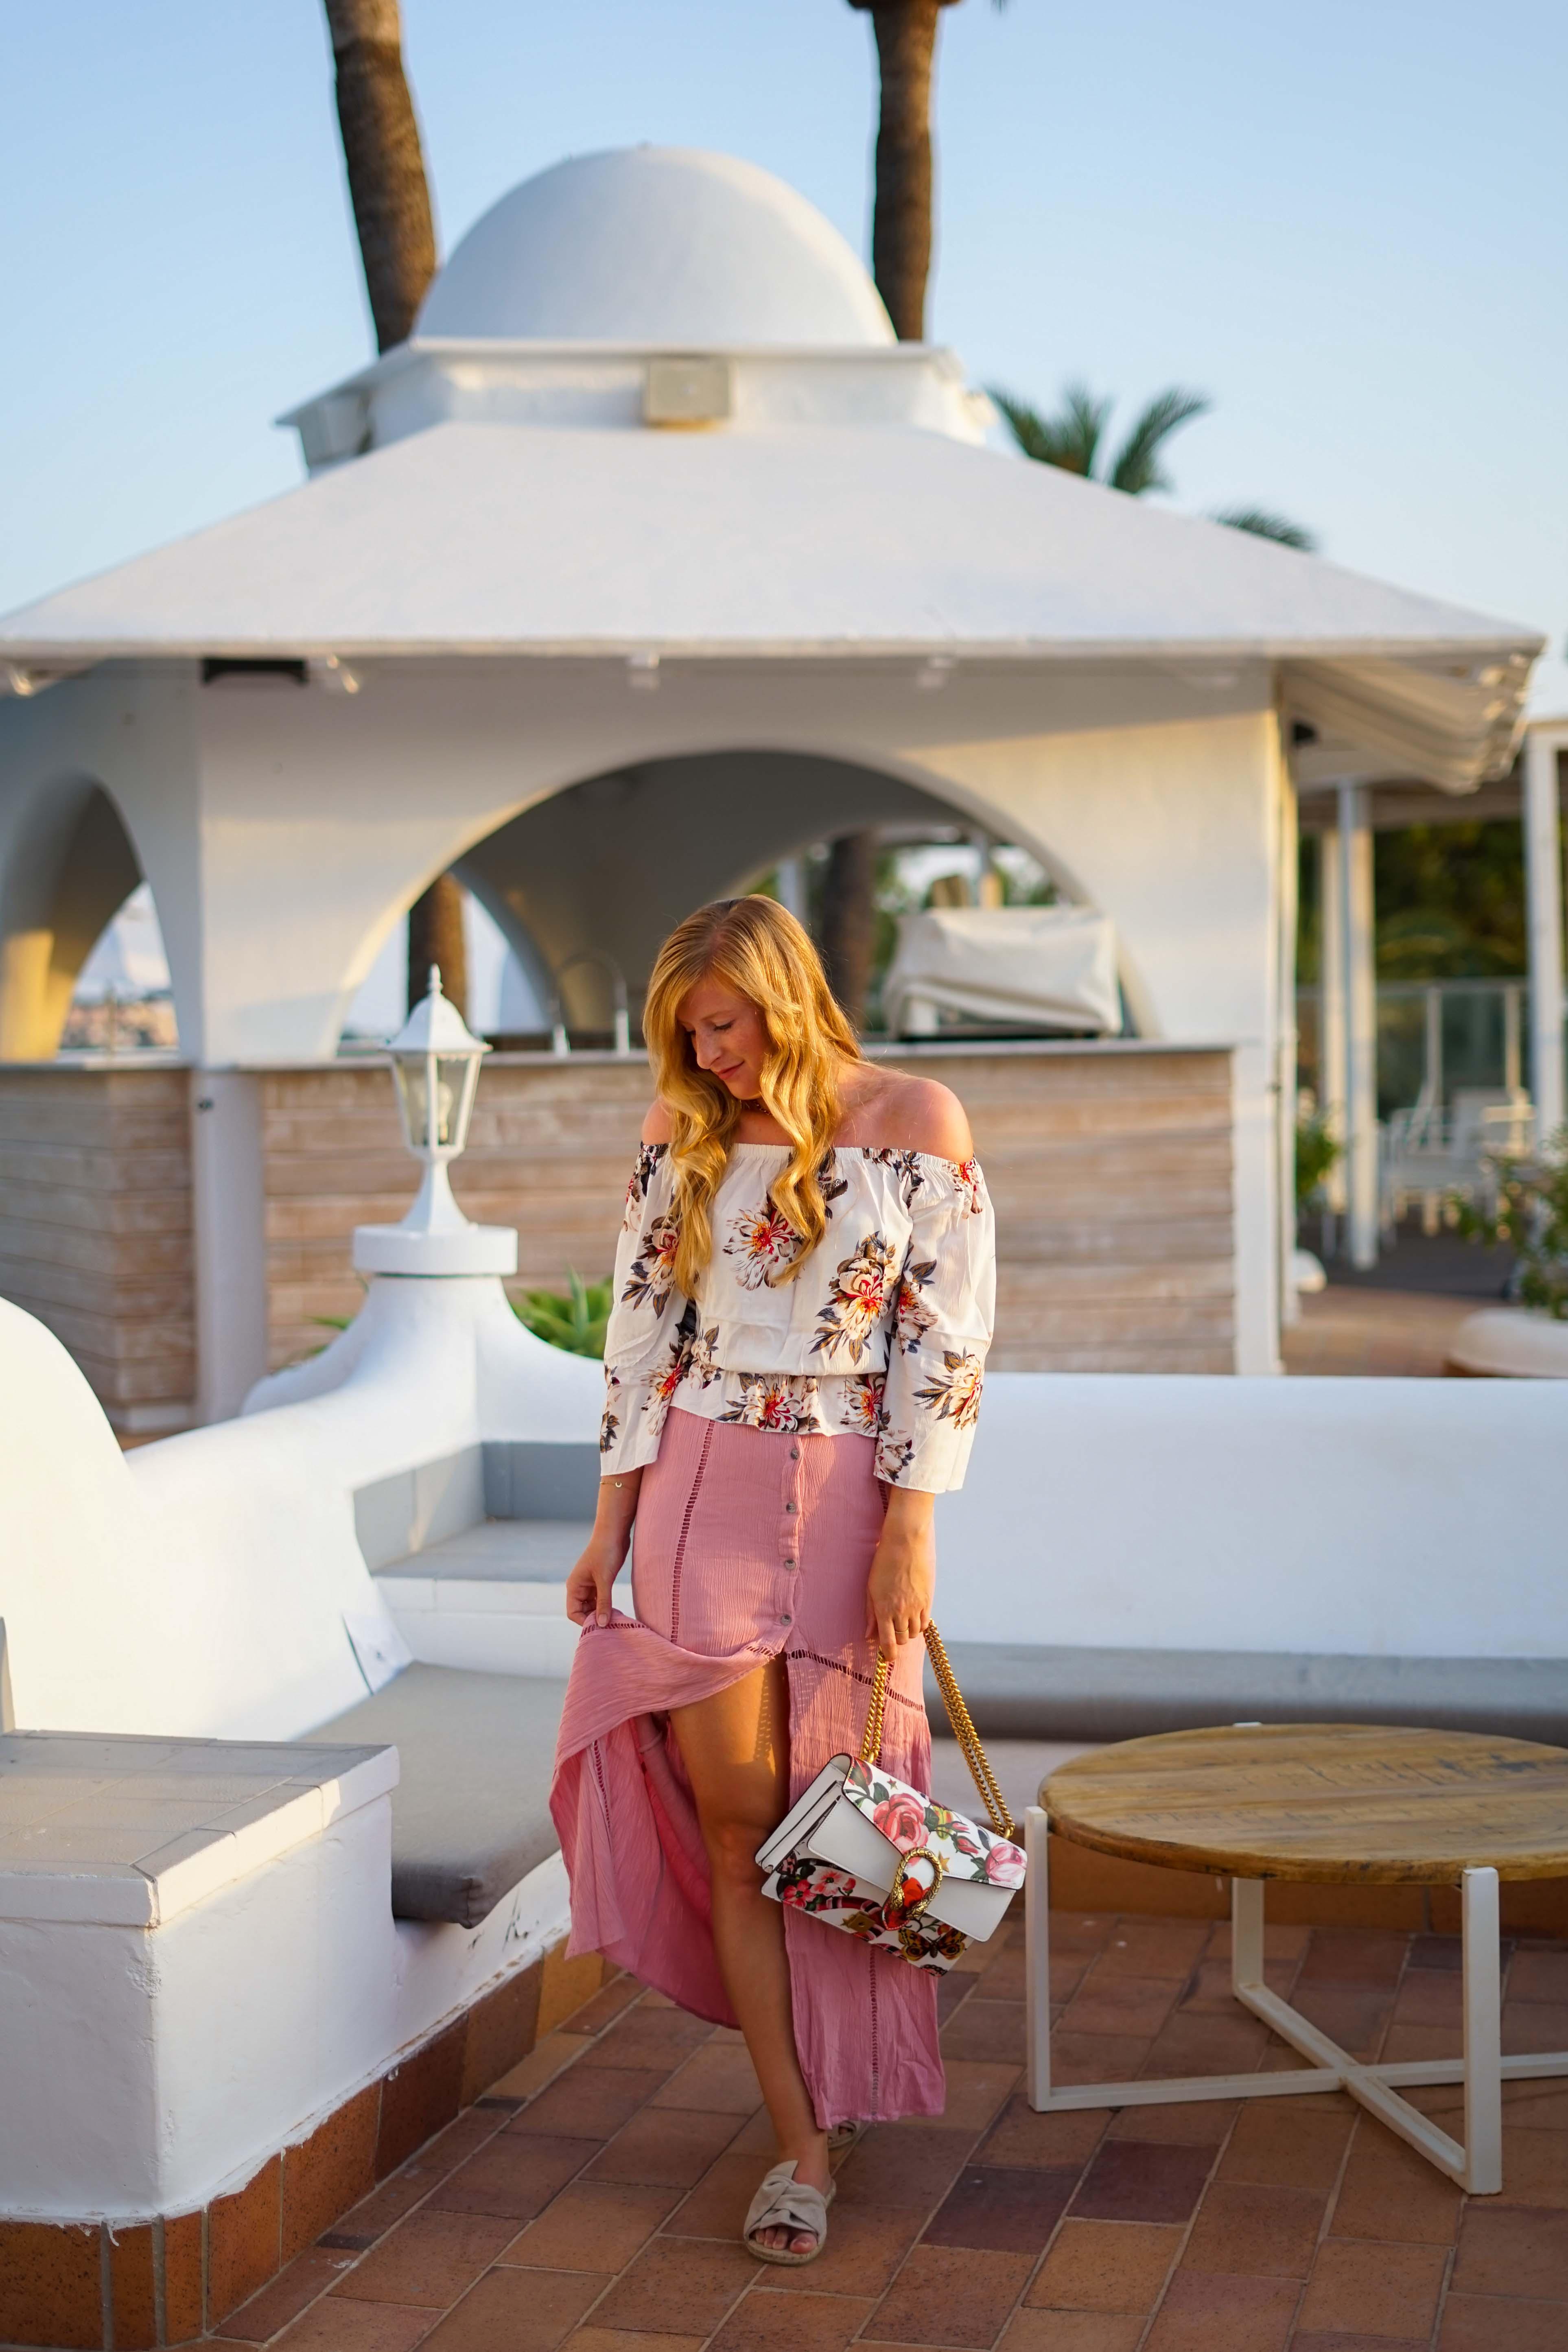 Rosa Maxirock Floral-Top goldene Accessoires Schmuck michael Kors Kette Kreolen Mallorca Golden Hour Sommerlook Urlaubsoutfit 4